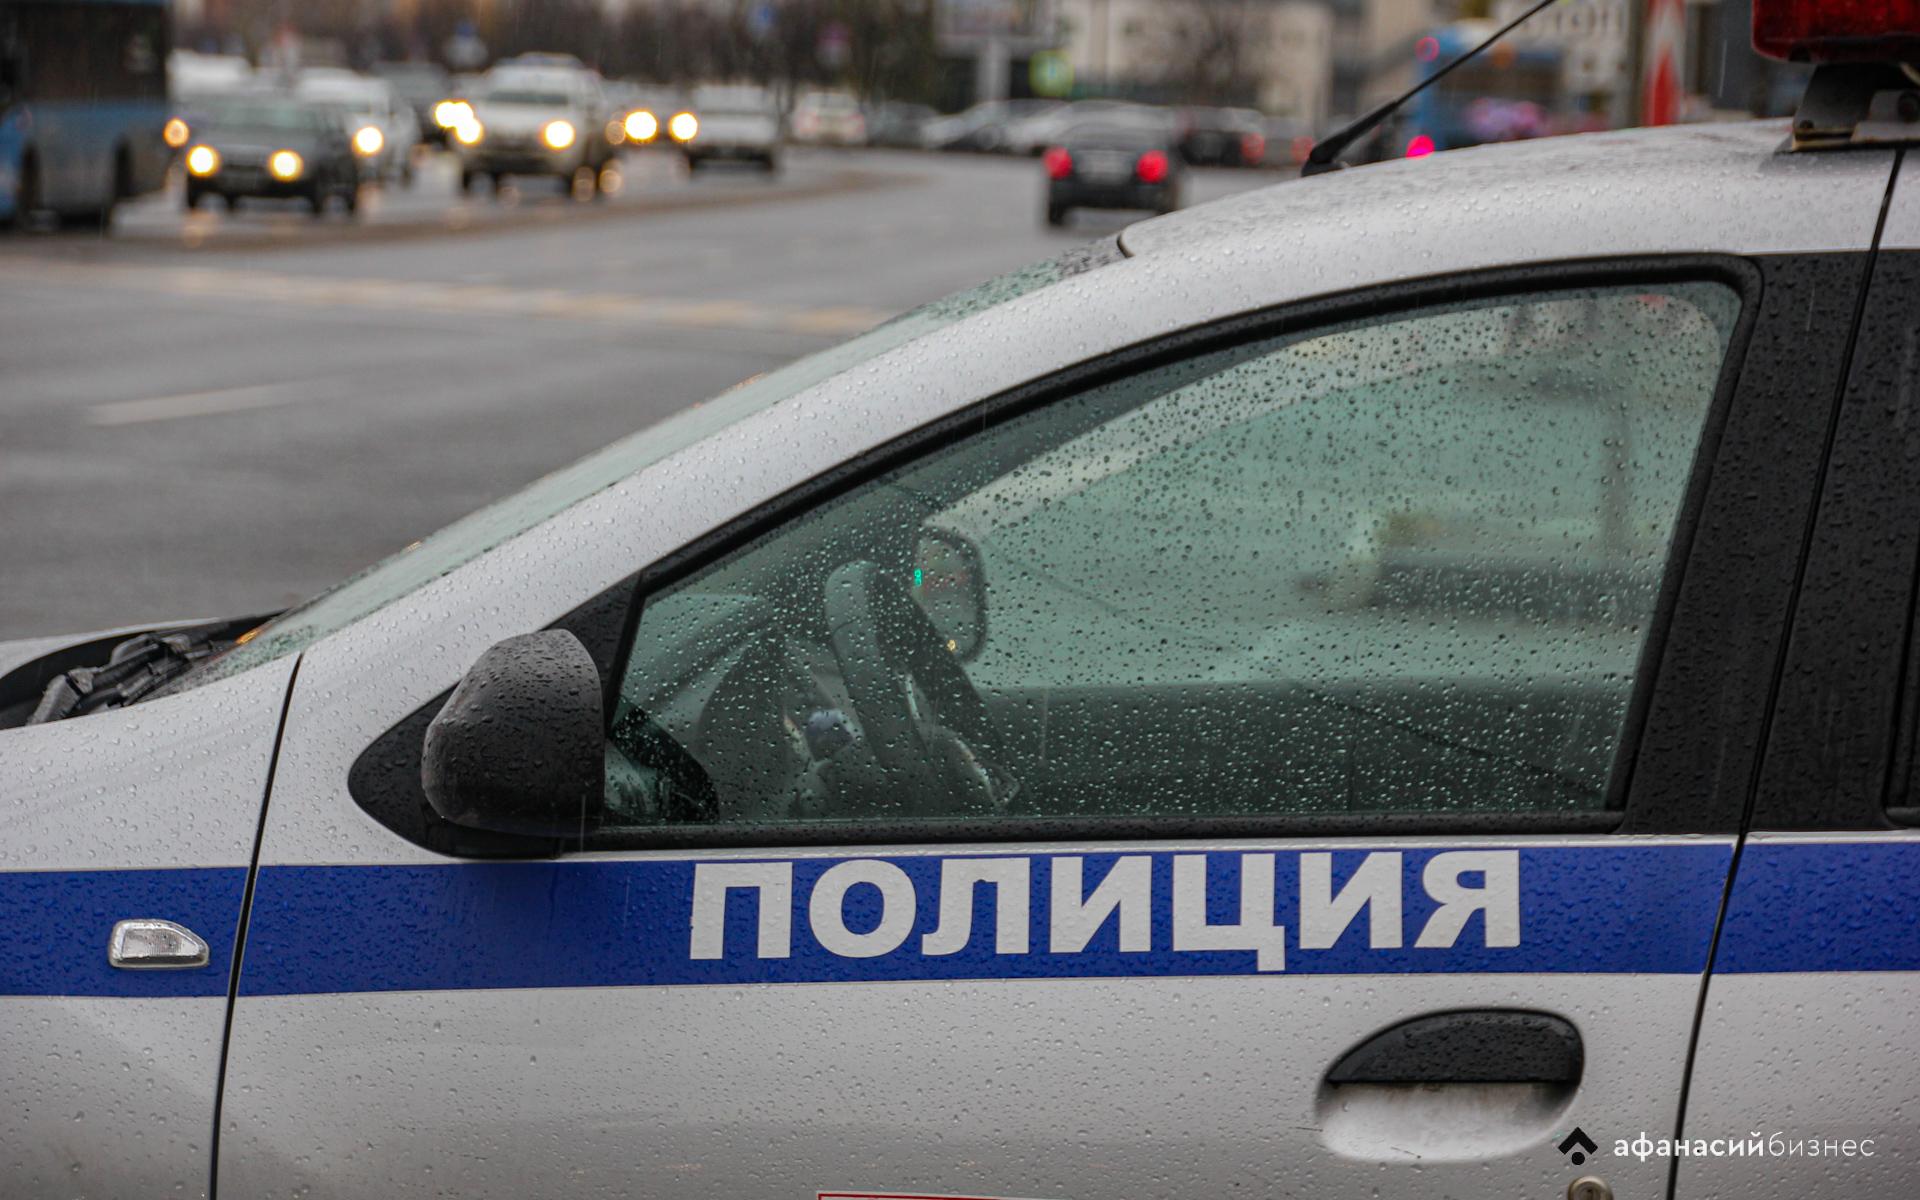 В Тверской области 18-летний рецидивист попался на краже из квартиры приятеля - новости Афанасий